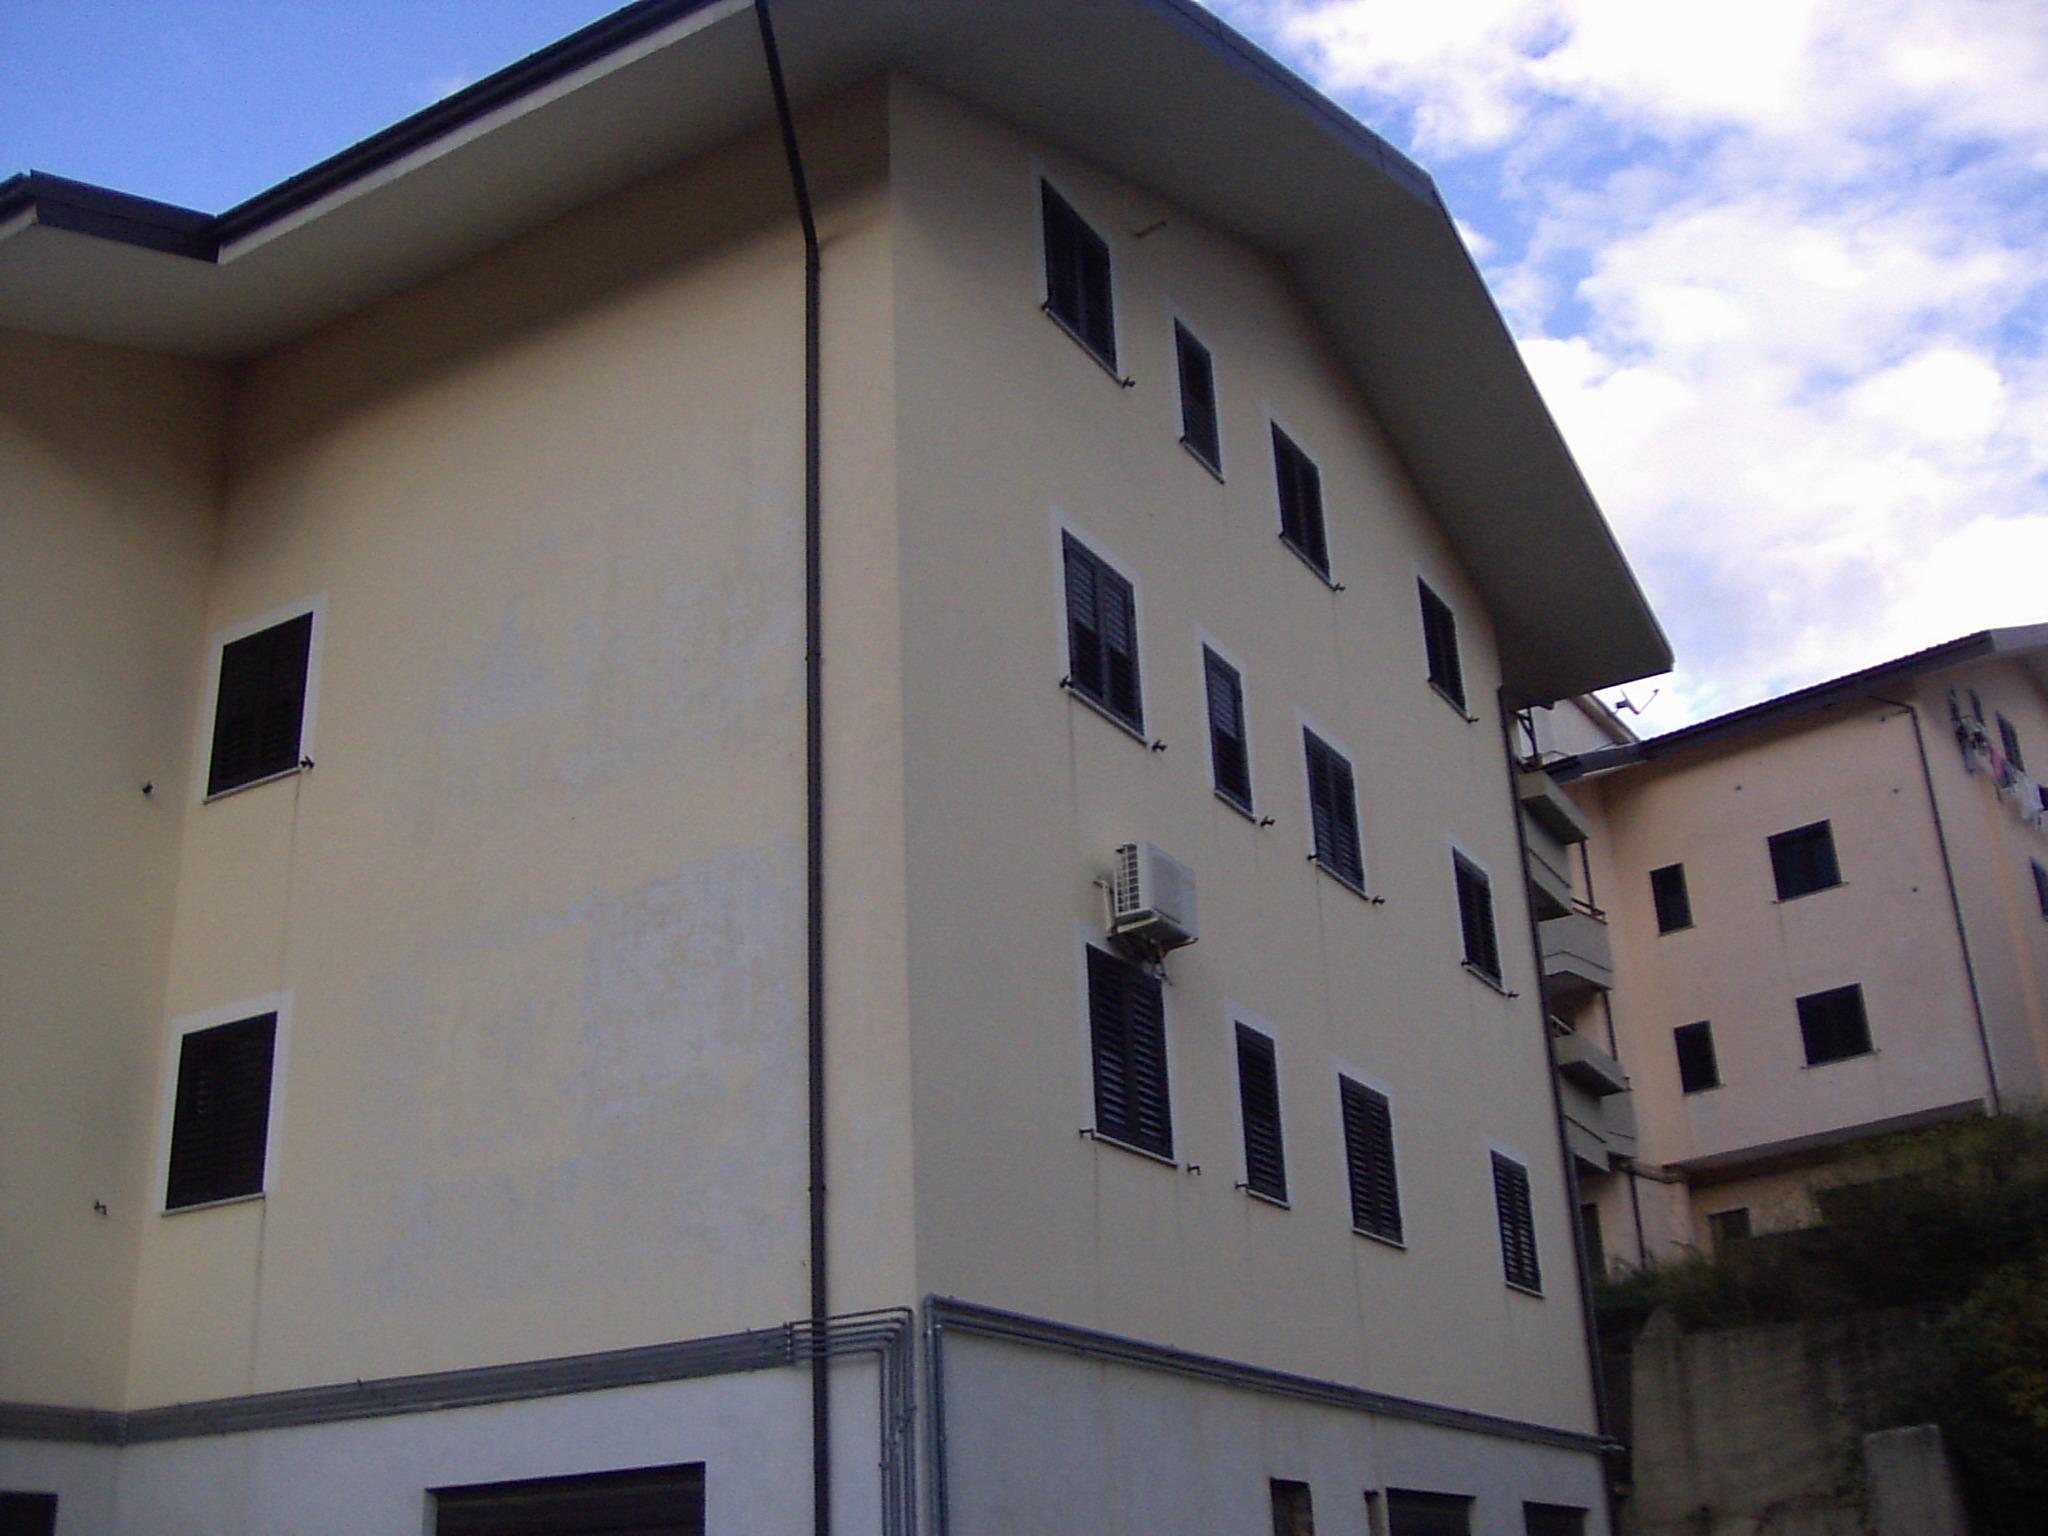 Abitazione di Tipo Civile all'asta a Cosenza - foto 1